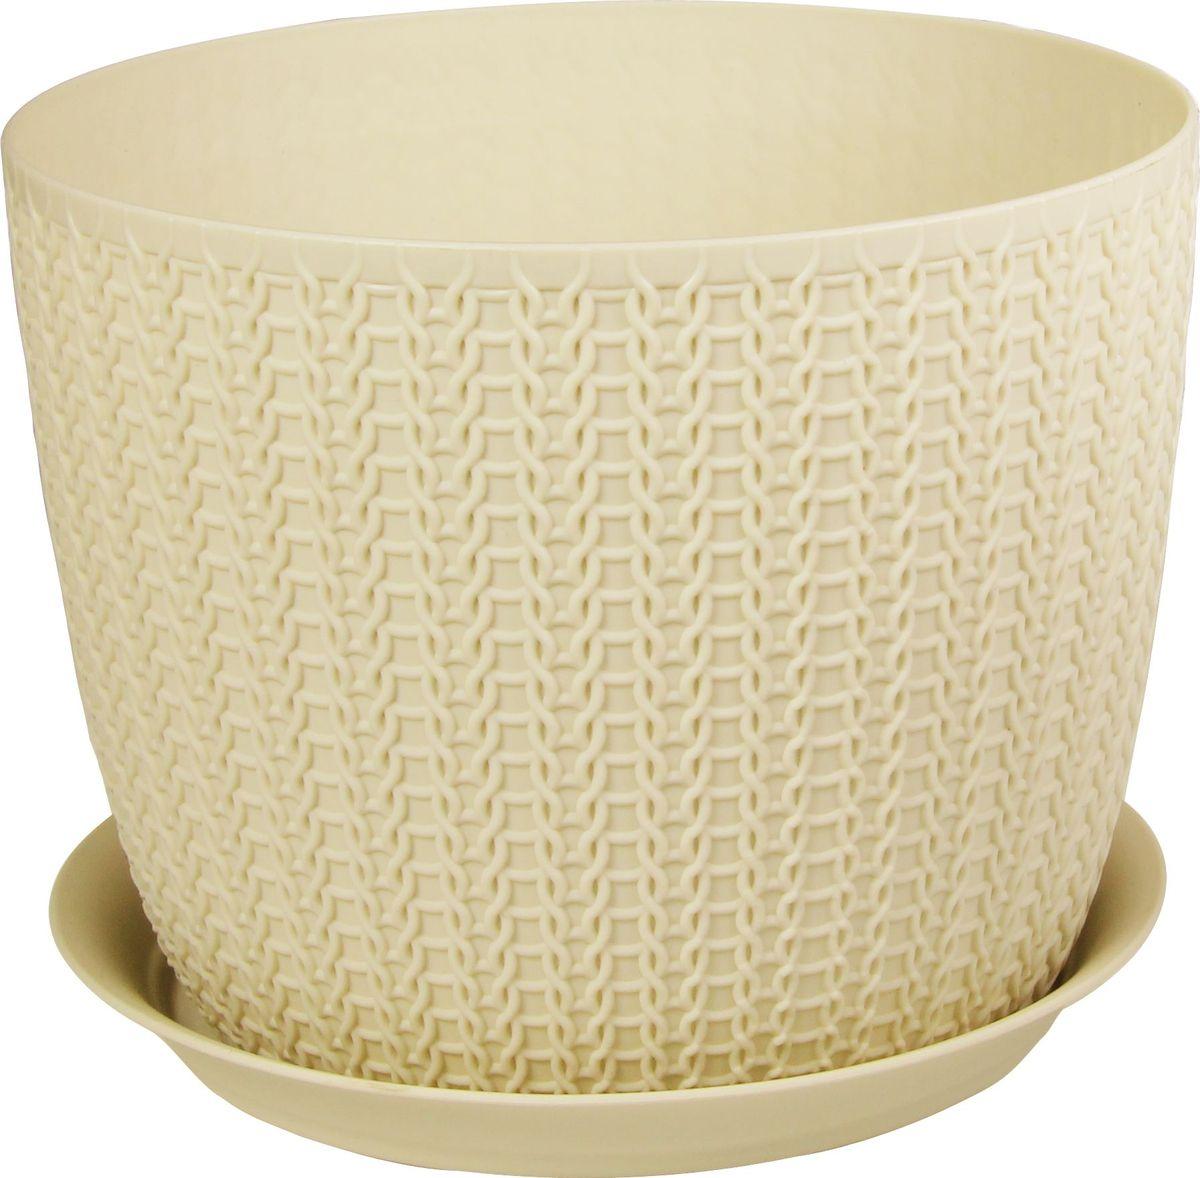 Кашпо Idea Вязание, с поддоном, цвет: белый ротанг, диаметр 13,5 см кашпо idea верона с подставкой цвет белый диаметр 18 см